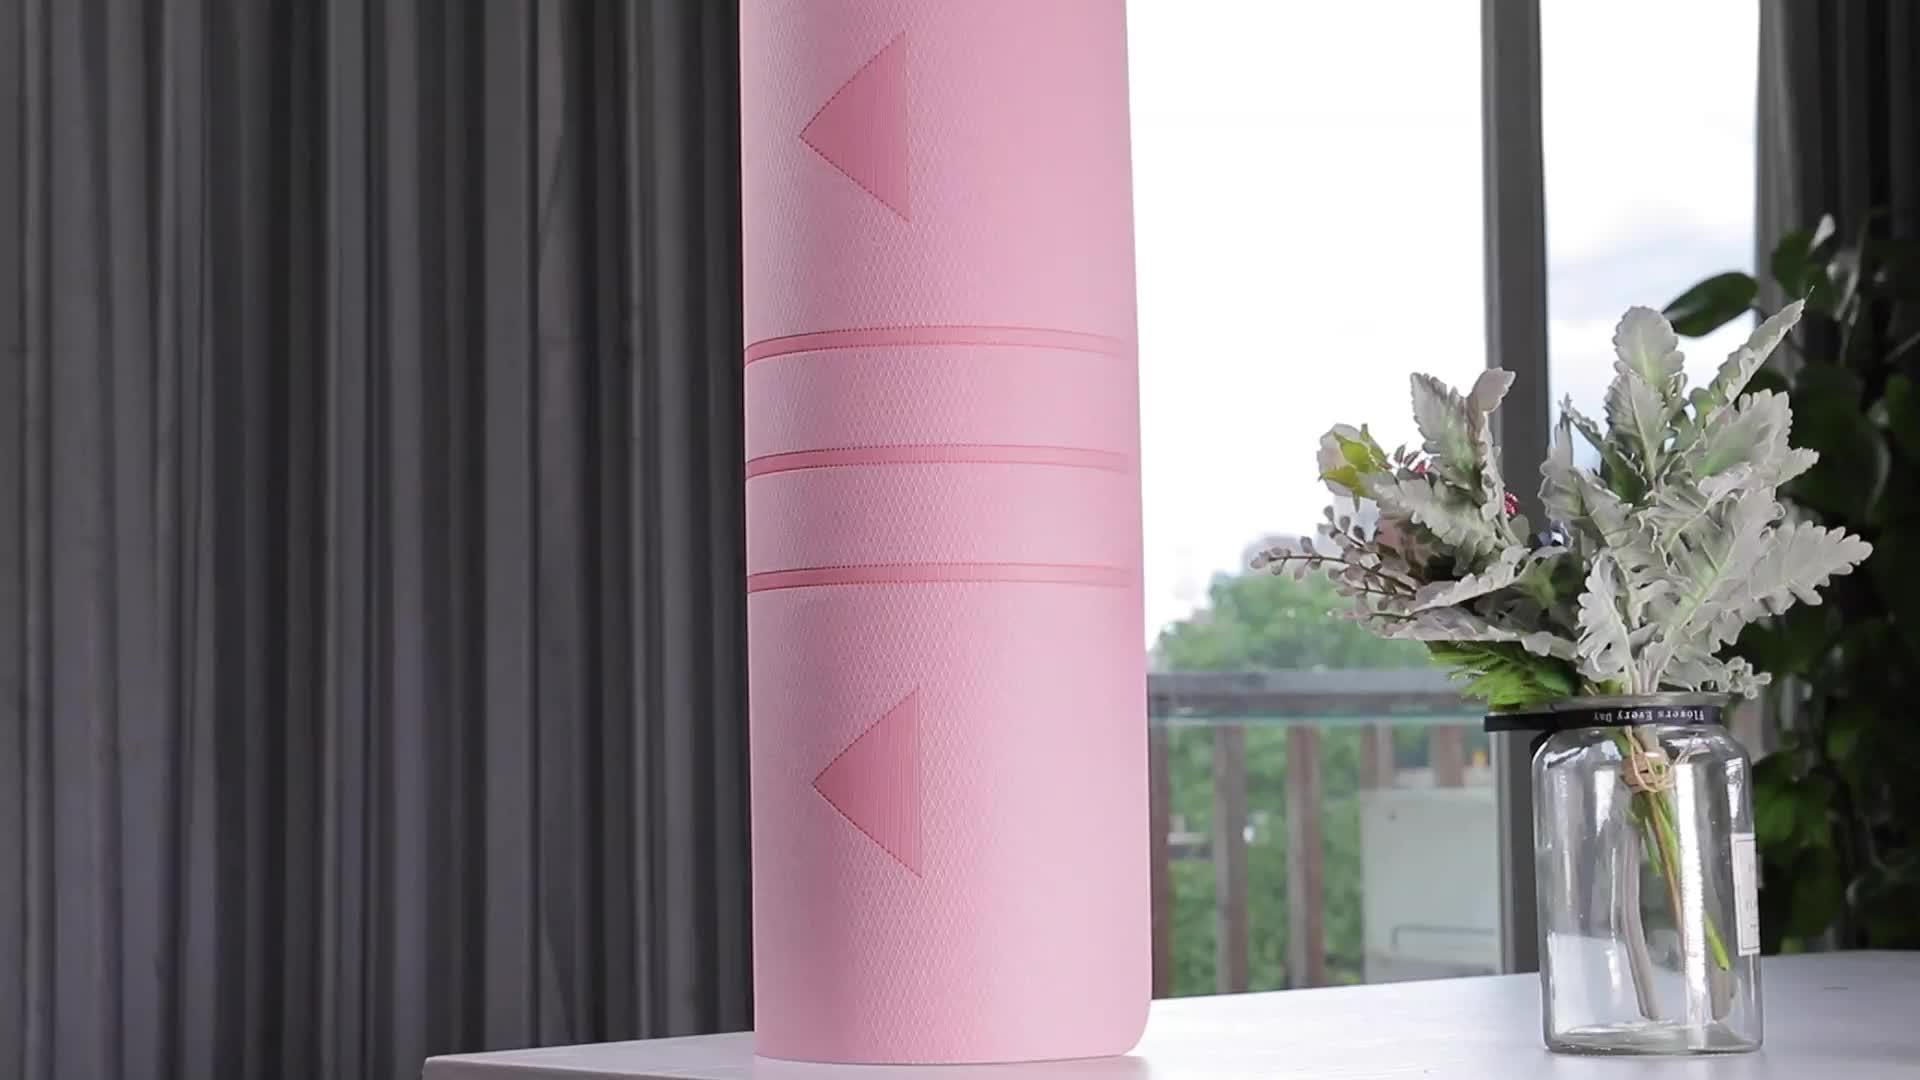 SANFAN Прямая продажа с фабрики Оптовая Продажа Новый дизайн Заказная печатная коврик Двусторонняя противоскольжения экологичный резиновый коврик для йоги